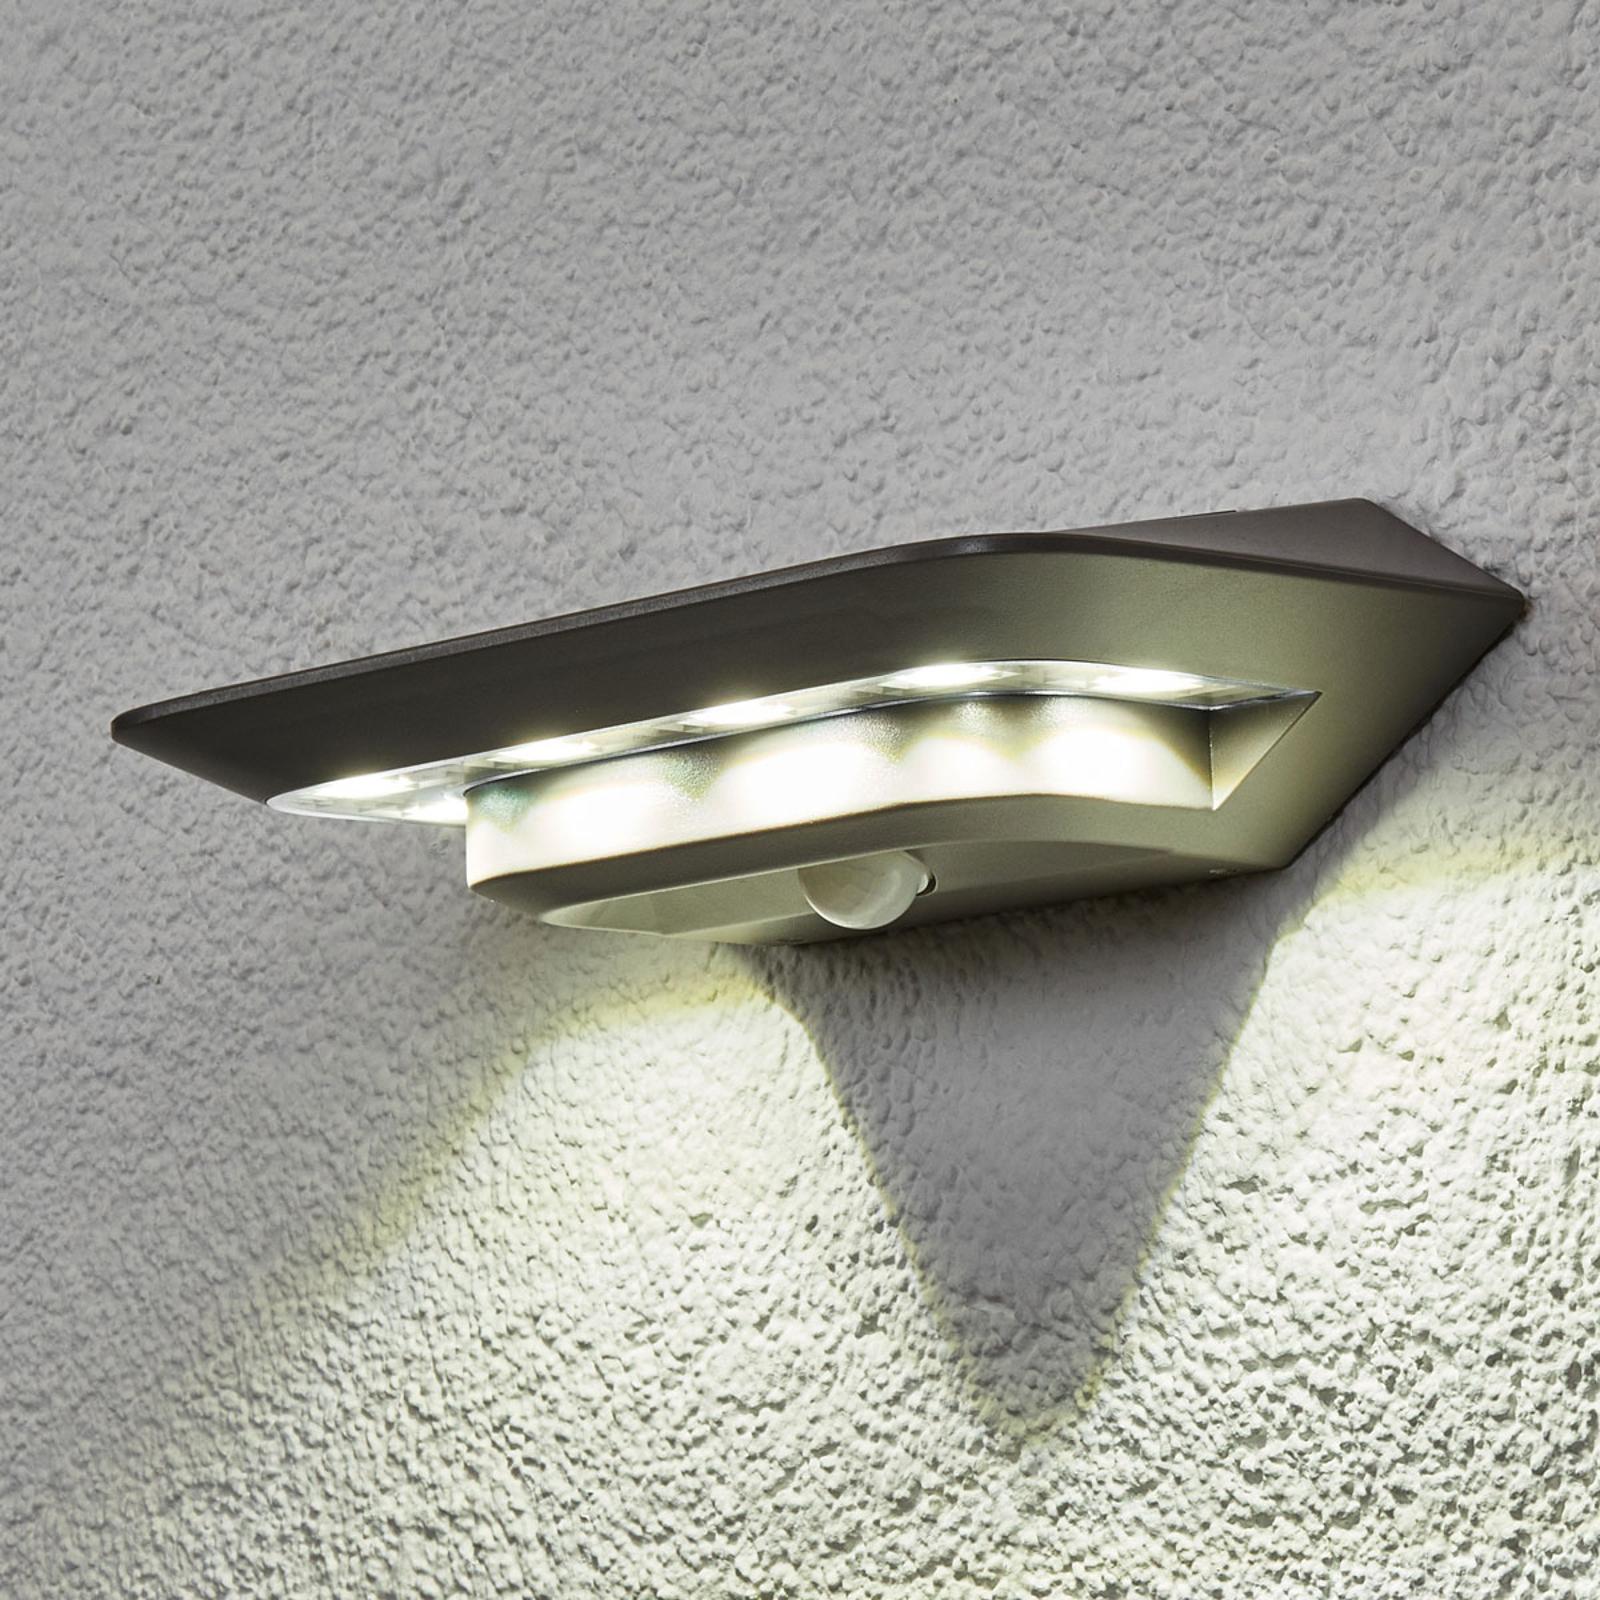 Solárne nástenné svetlo Ghost LED, detektor pohybu_3006174_1